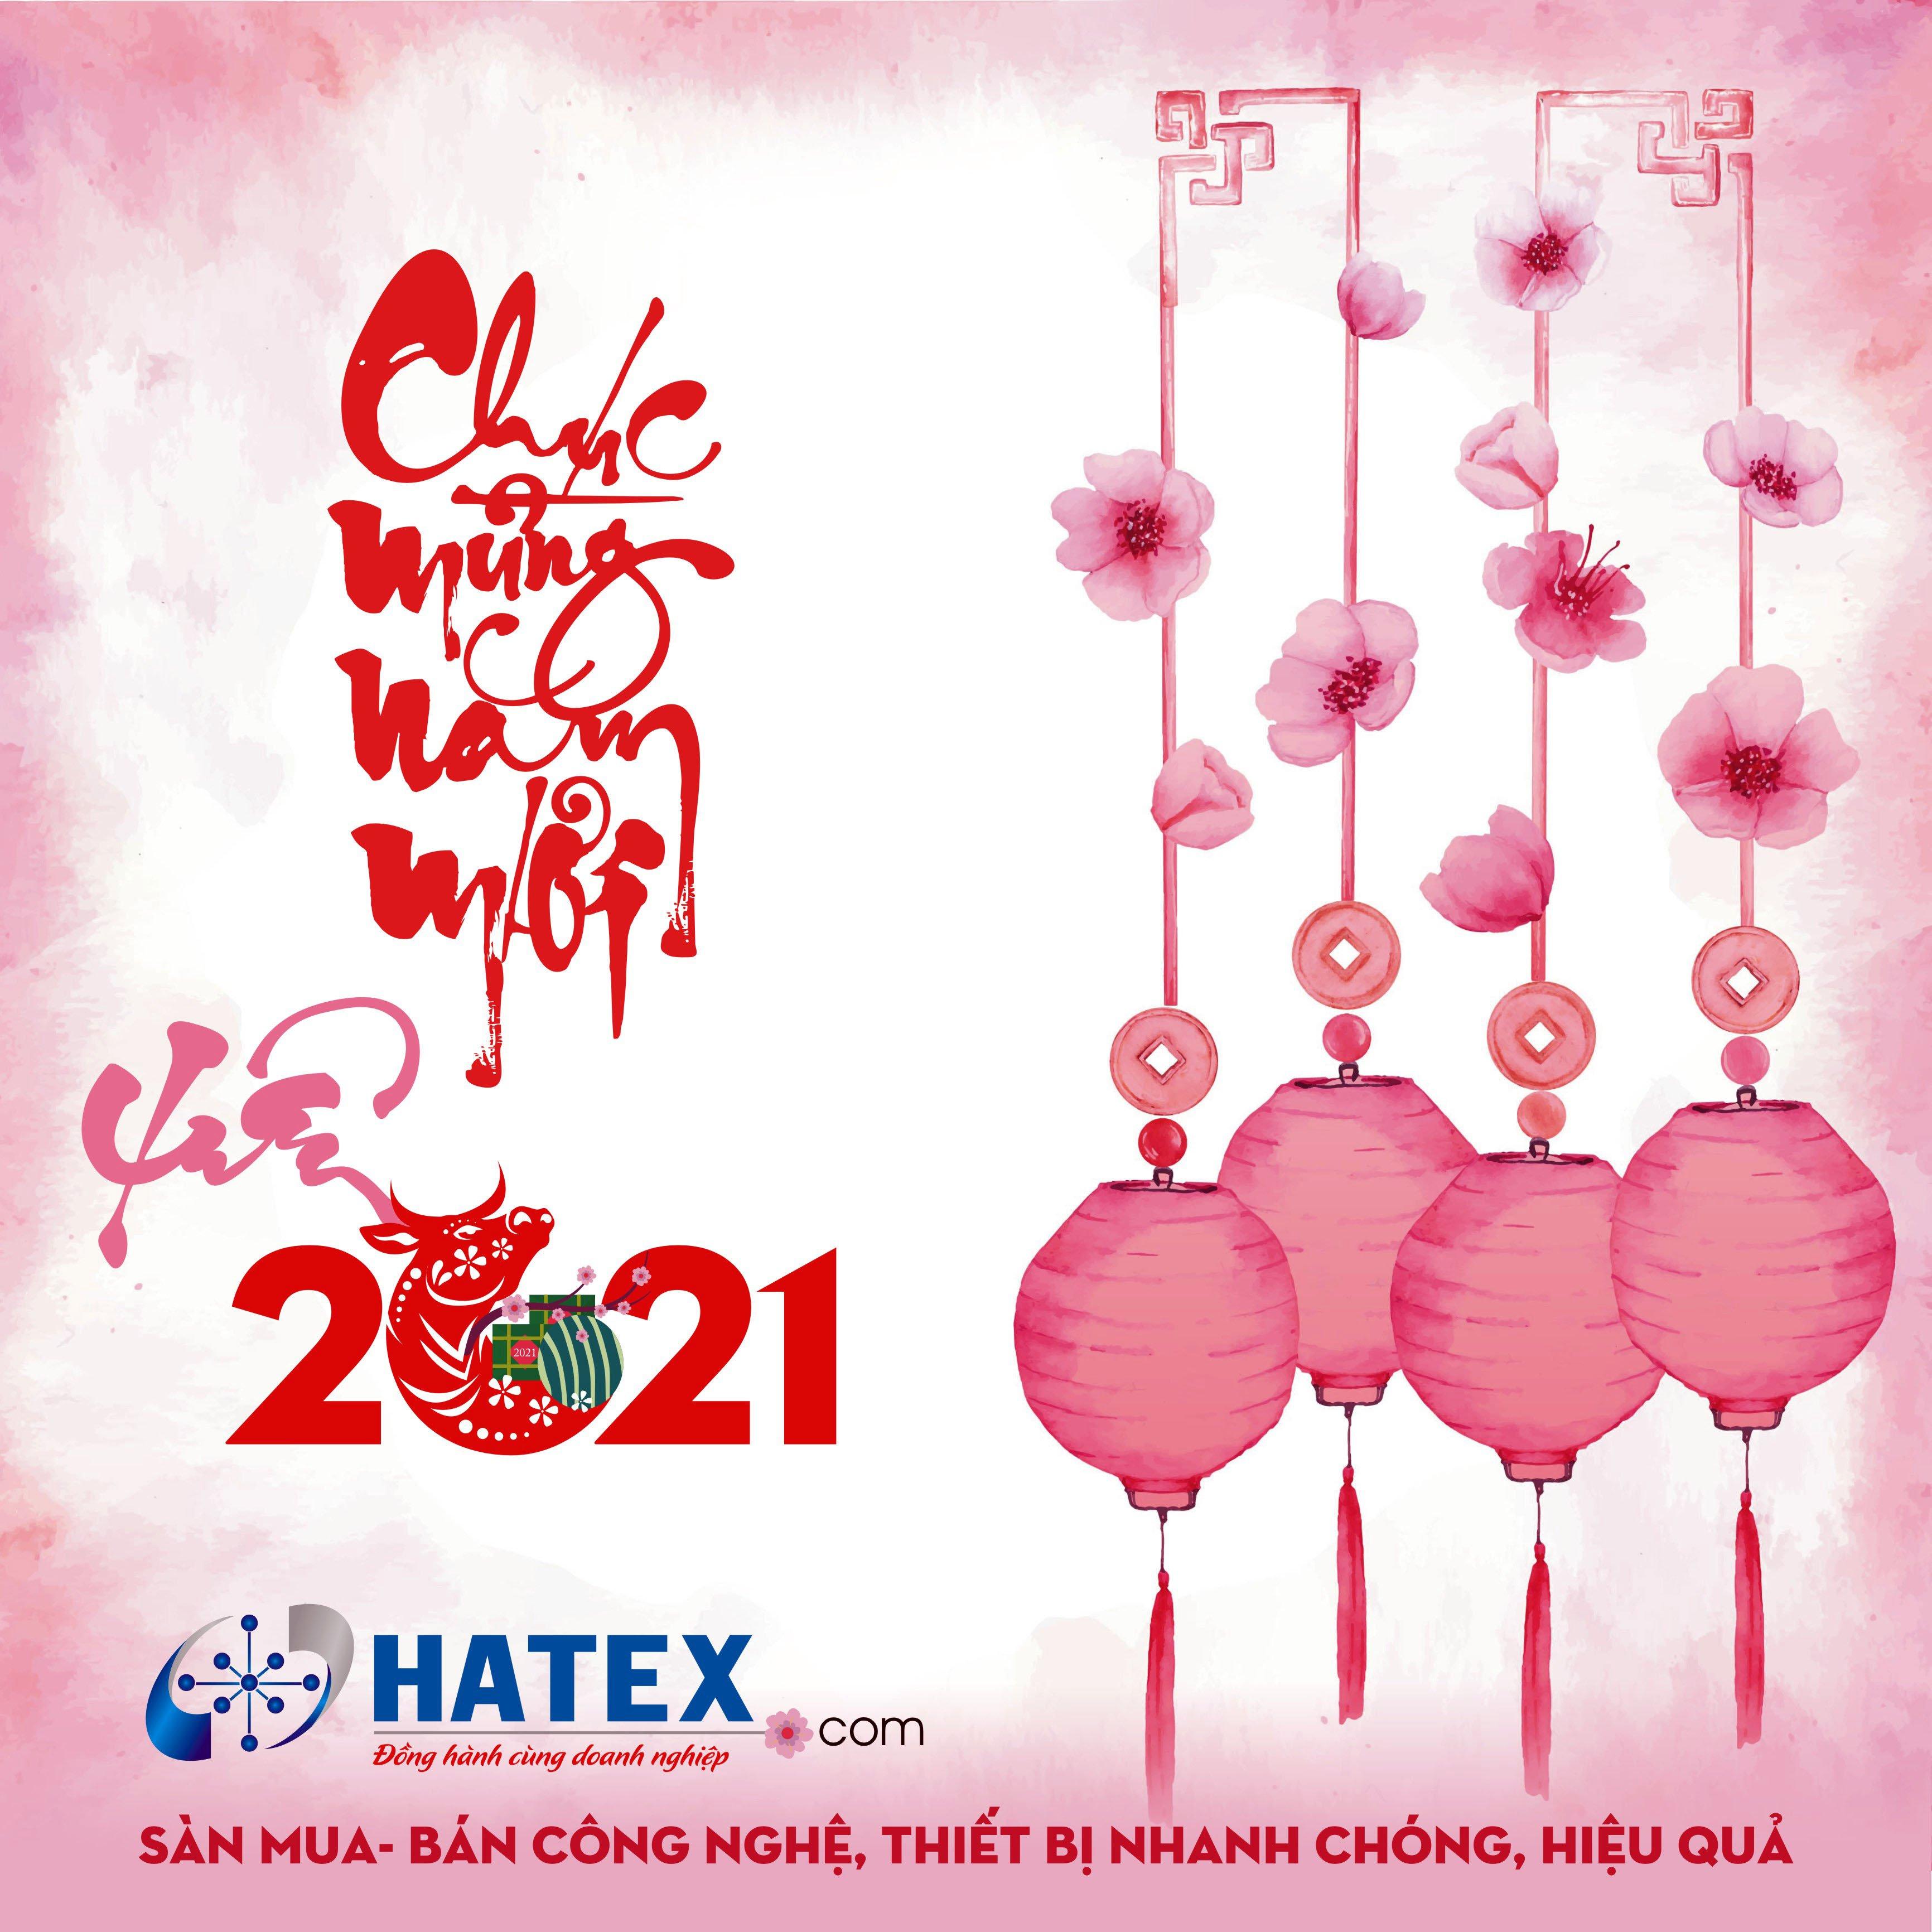 Thông báo lịch nghỉ Tết Tân Sửu 2021